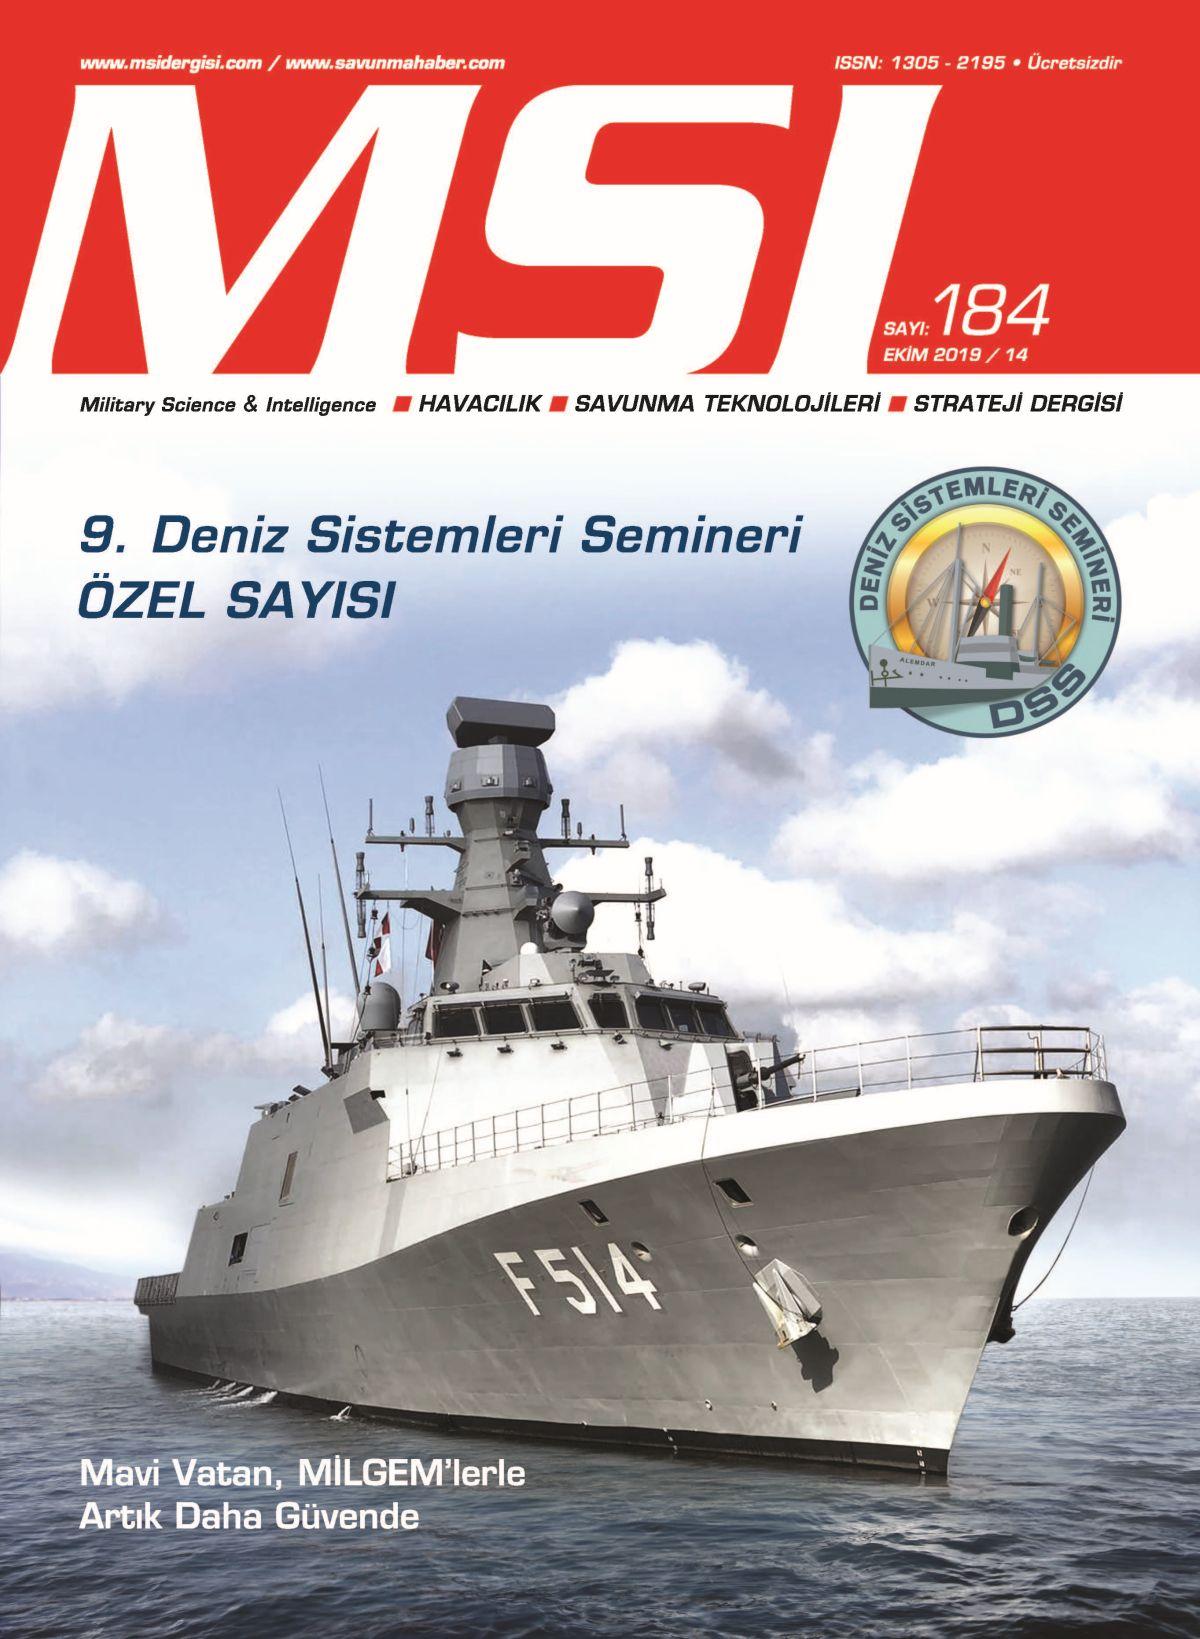 EKİM 2019 / 184: 9'uncu Deniz Sistemleri Semineri ÖZEL SAYISI